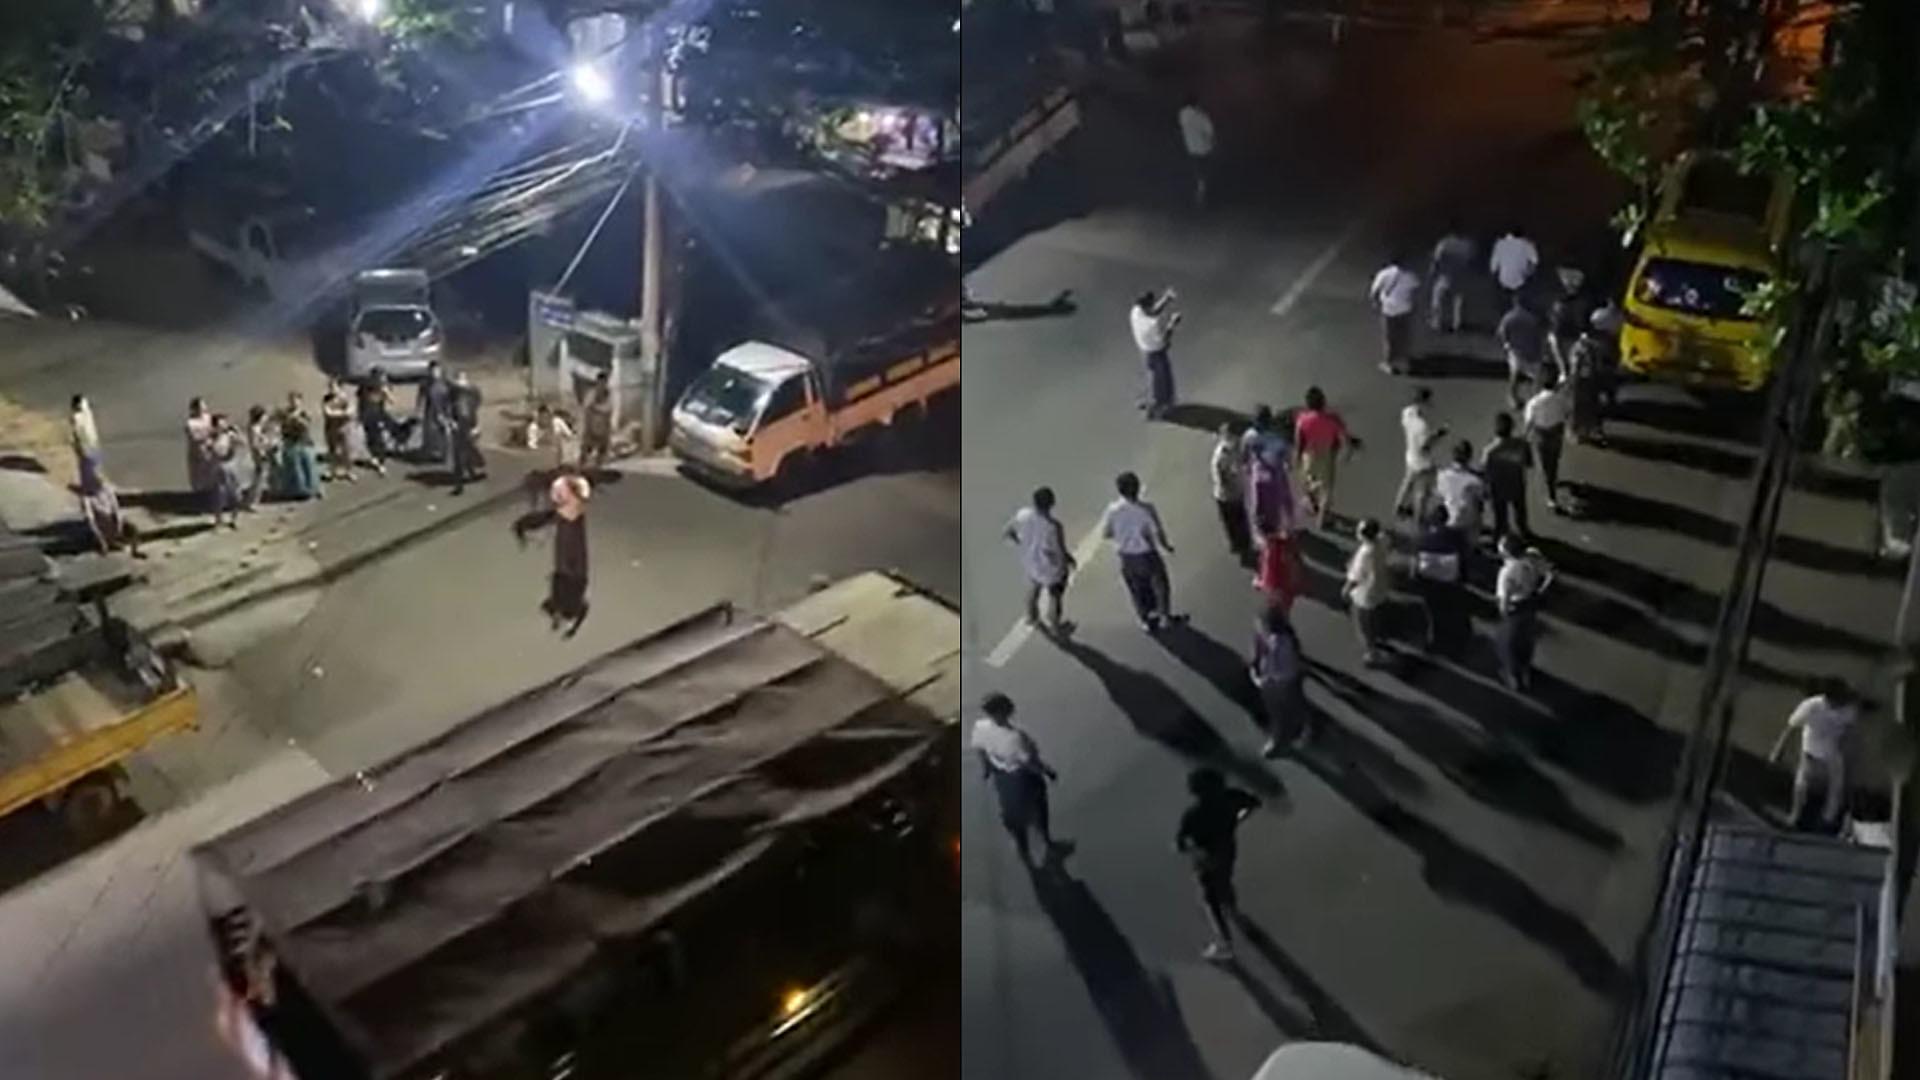 ชาวเมืองในนครย่างกุ้งออกมาตีหม้อเคาะกระทะหลังยานยนต์กองทัพพม่าเคลื่อนผ่าน เมื่อคืนวันที่ 14 ก.พ. 64(ที่มา: Khit Thit Media)